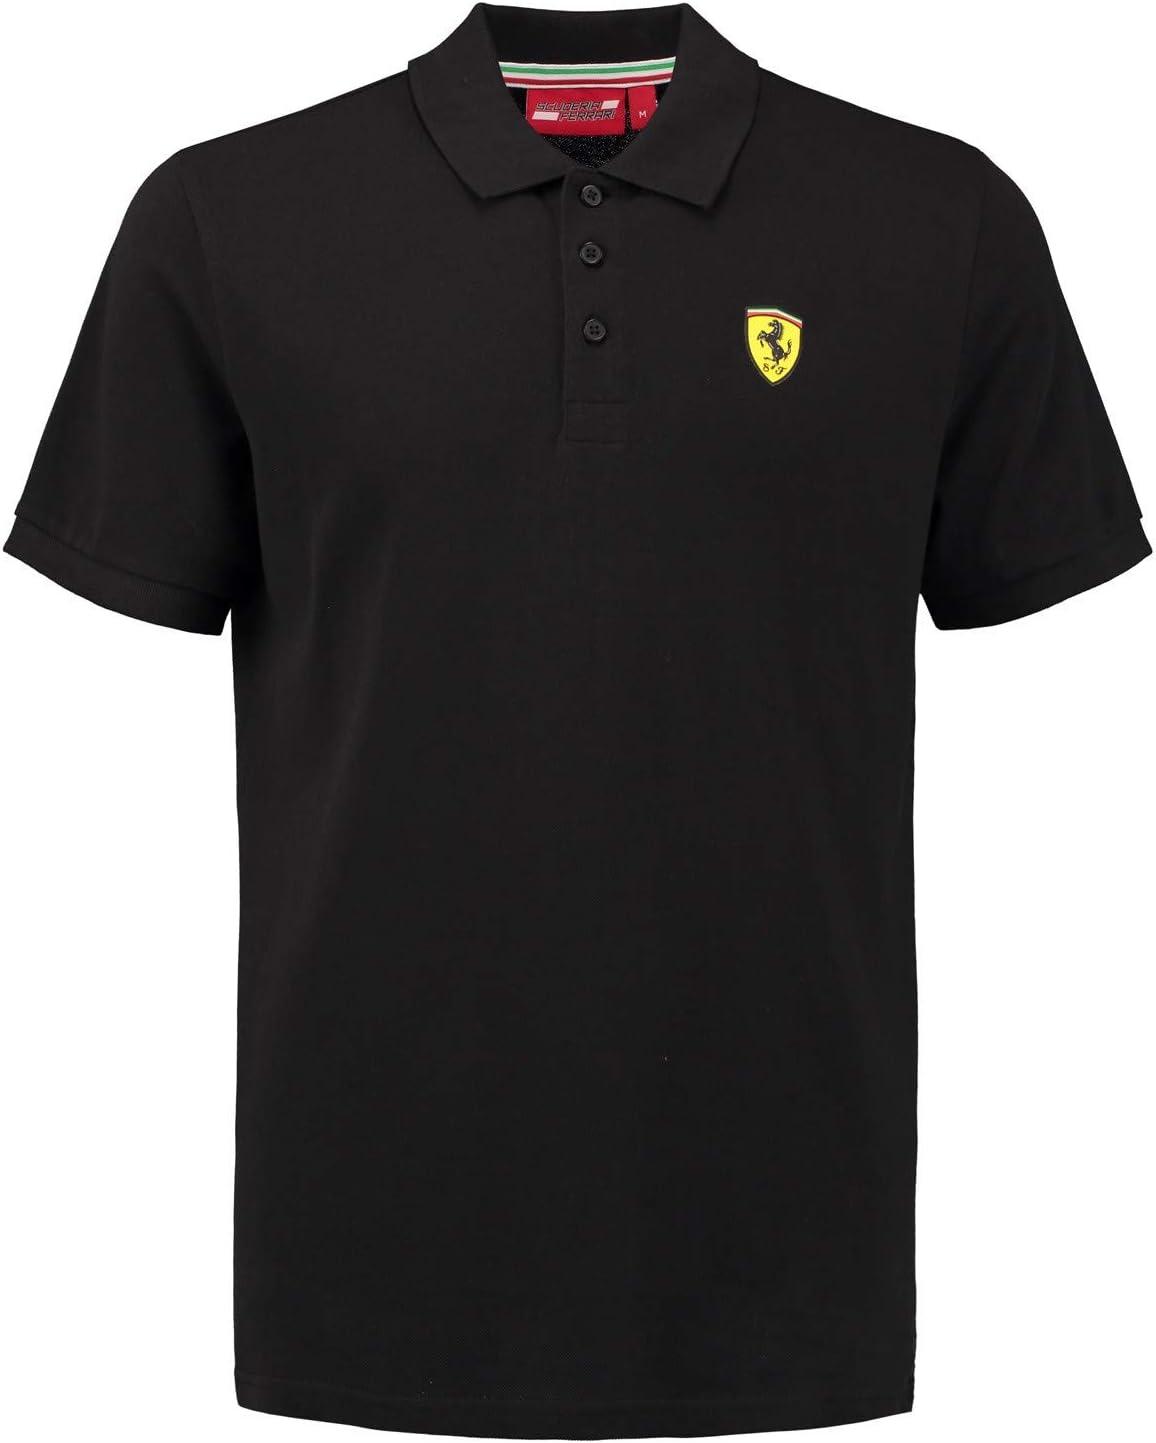 stile classico Polo da uomo in piqu/é di cotone Ferrari Scuderia 2018 taglie XS-XL